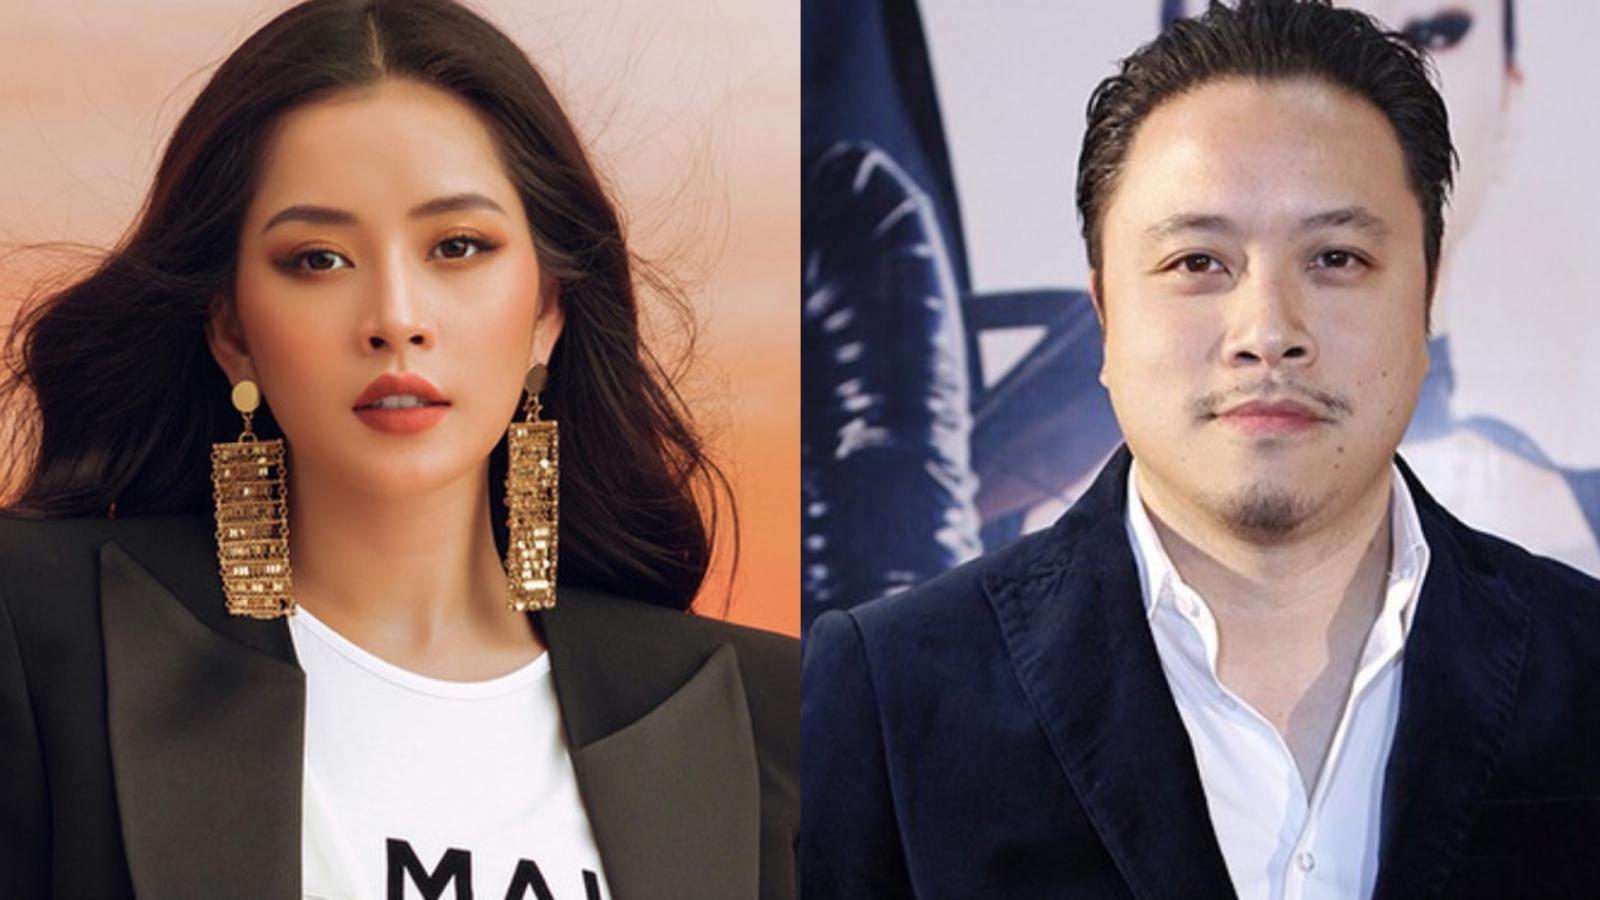 Chuyện showbiz: Chi Pu lên tiếng về tin đồn bị loại khỏi phim, mâu thuẫn với Victor Vũ